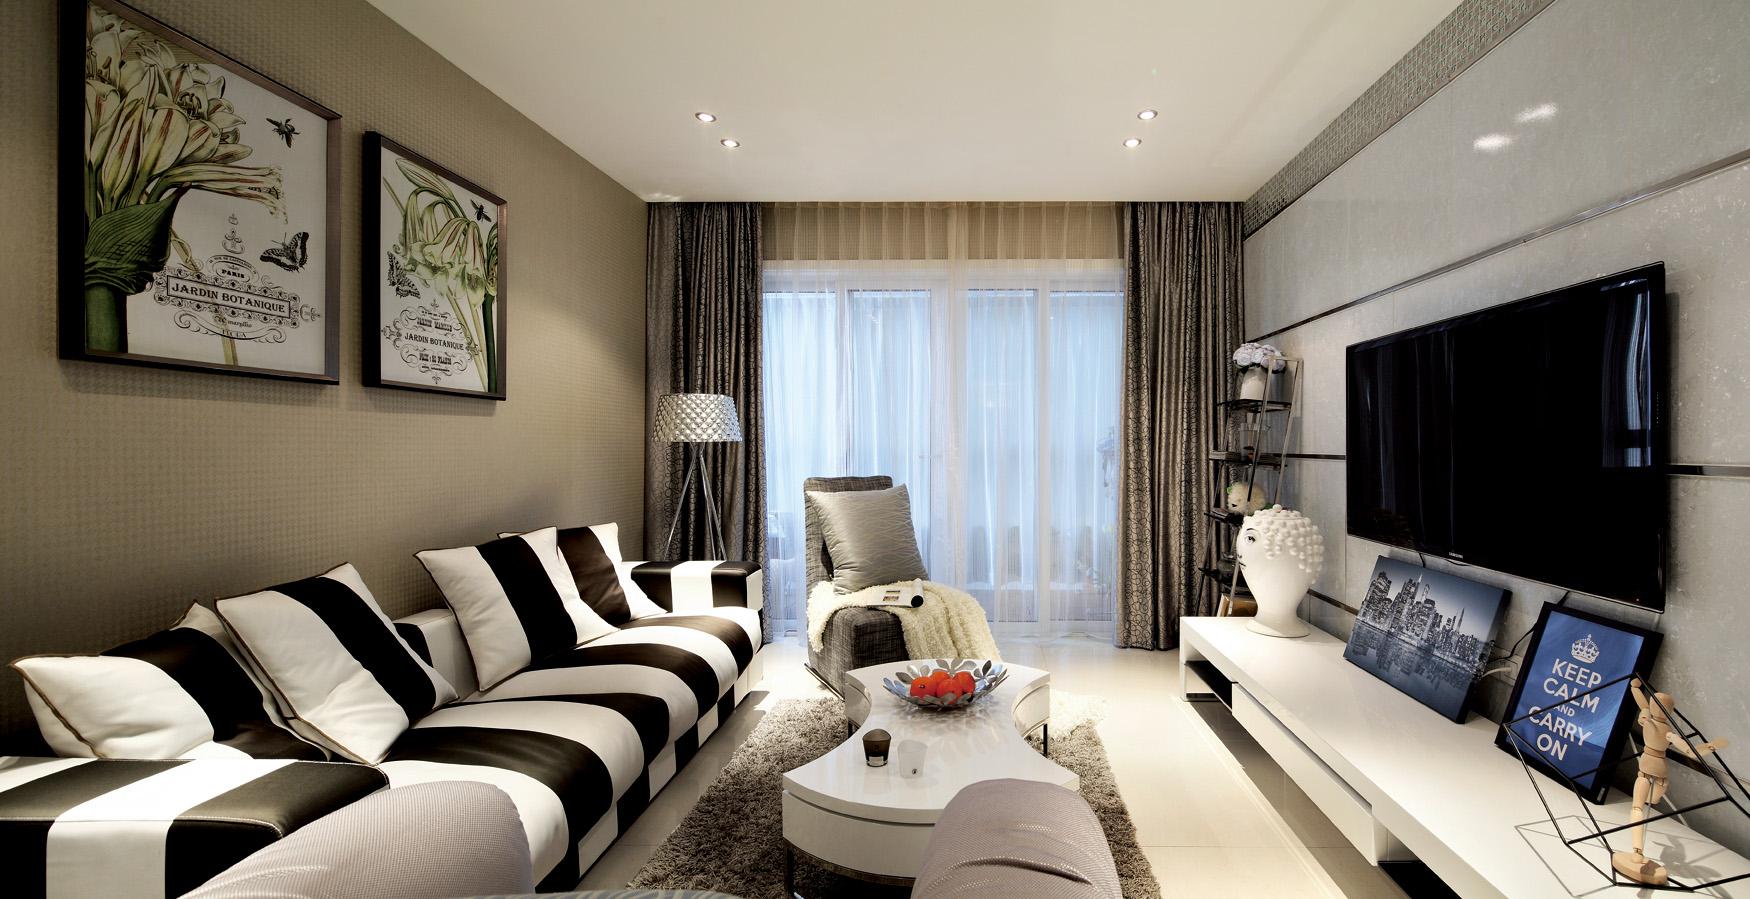 客厅图片来自成都家和装饰在美式现代的简约时尚的分享